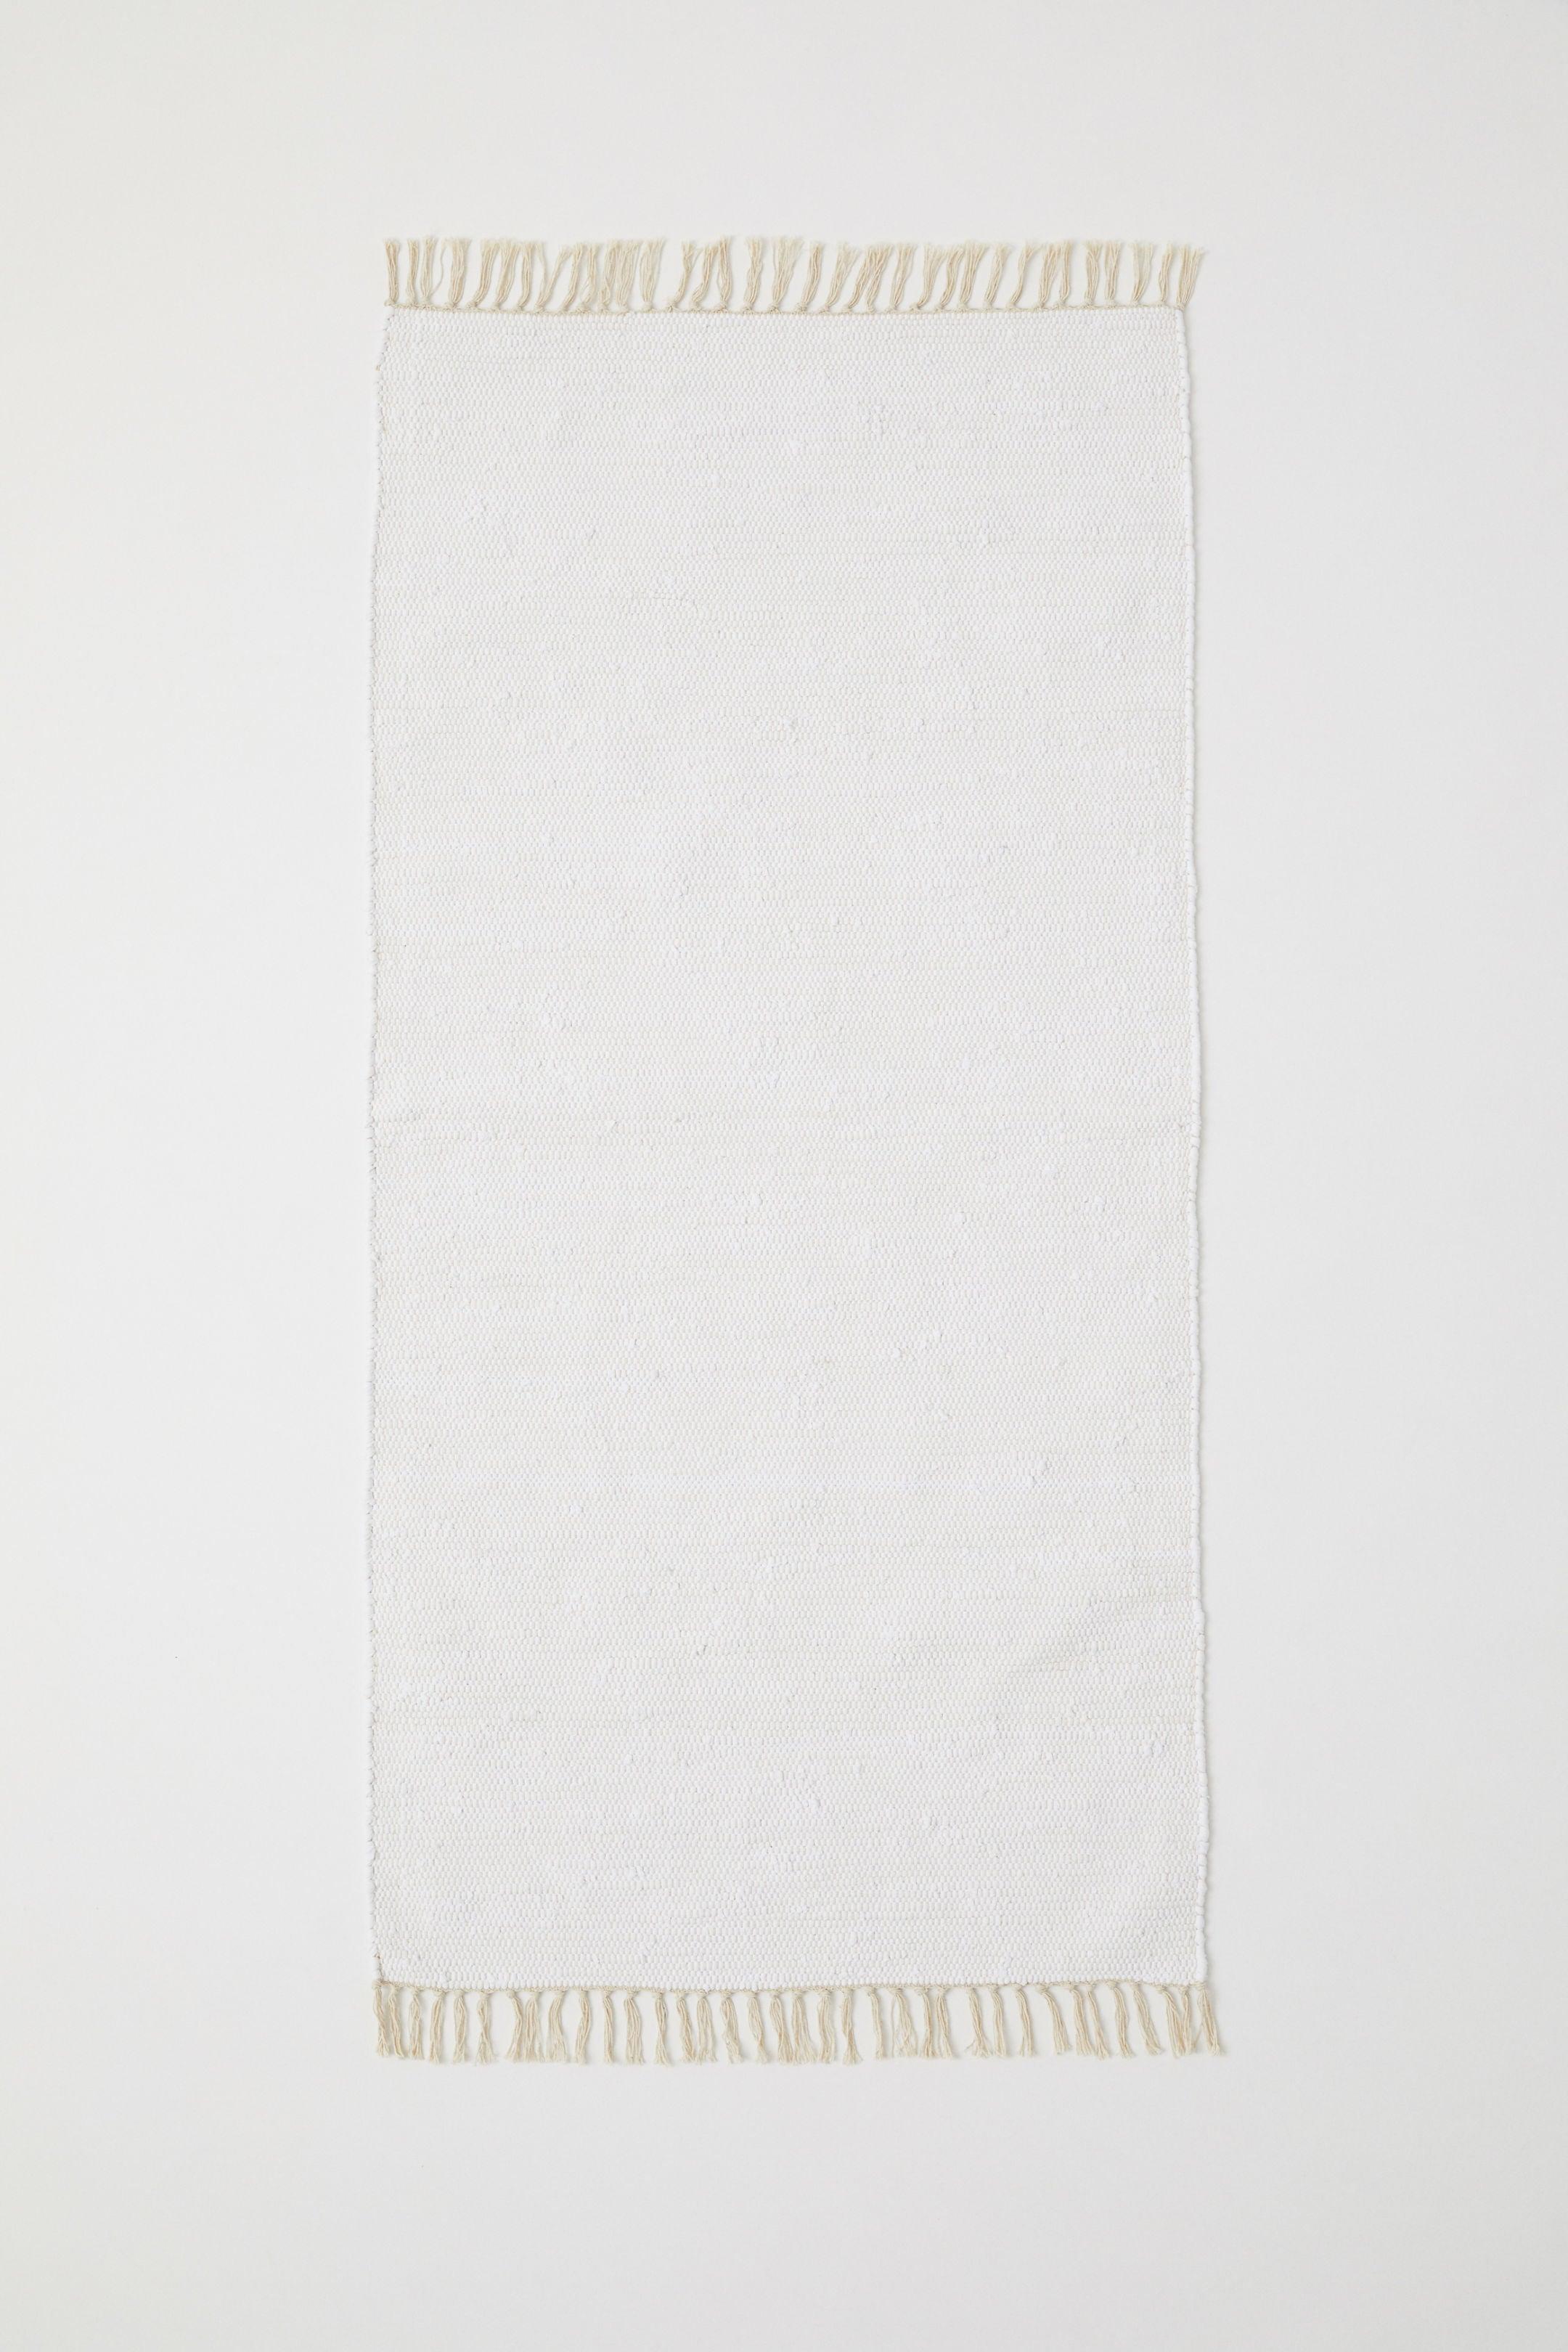 white rag rug